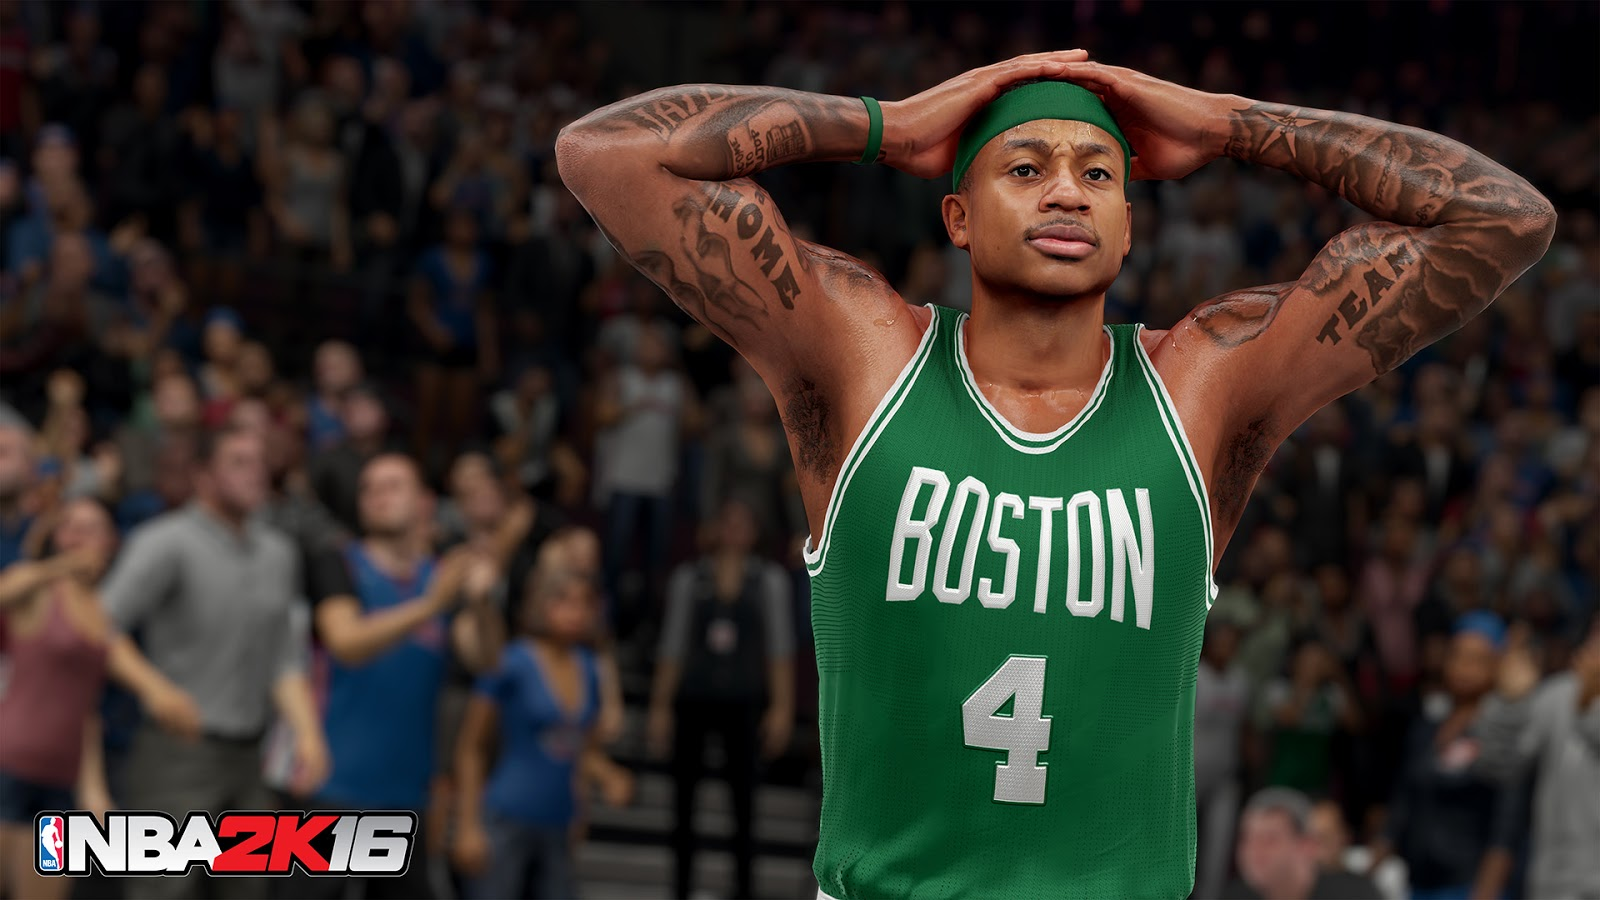 Download NBA 2k16